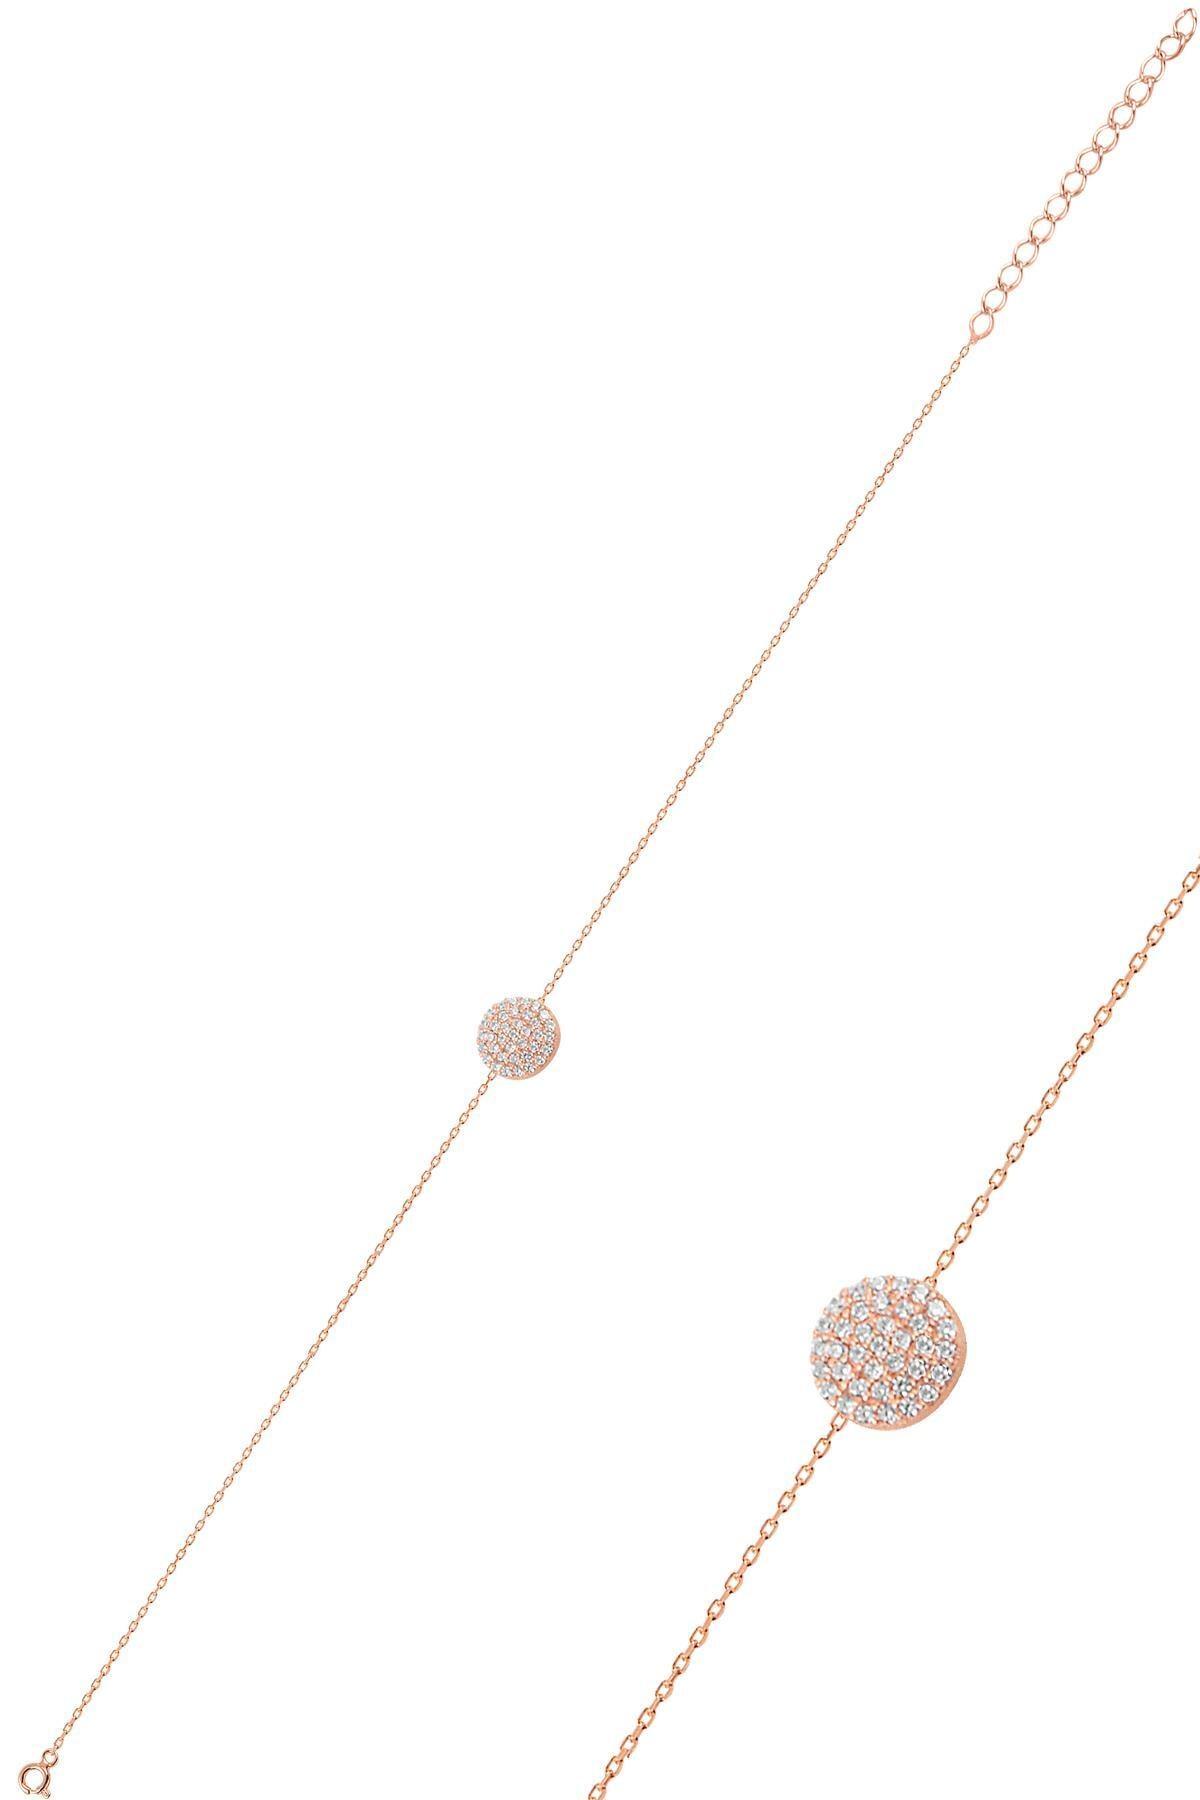 Söğütlü Silver Gümüş rose zirkon taşlı yuvarlak kolye bileklik ve küpe gümüş üçlü set 3